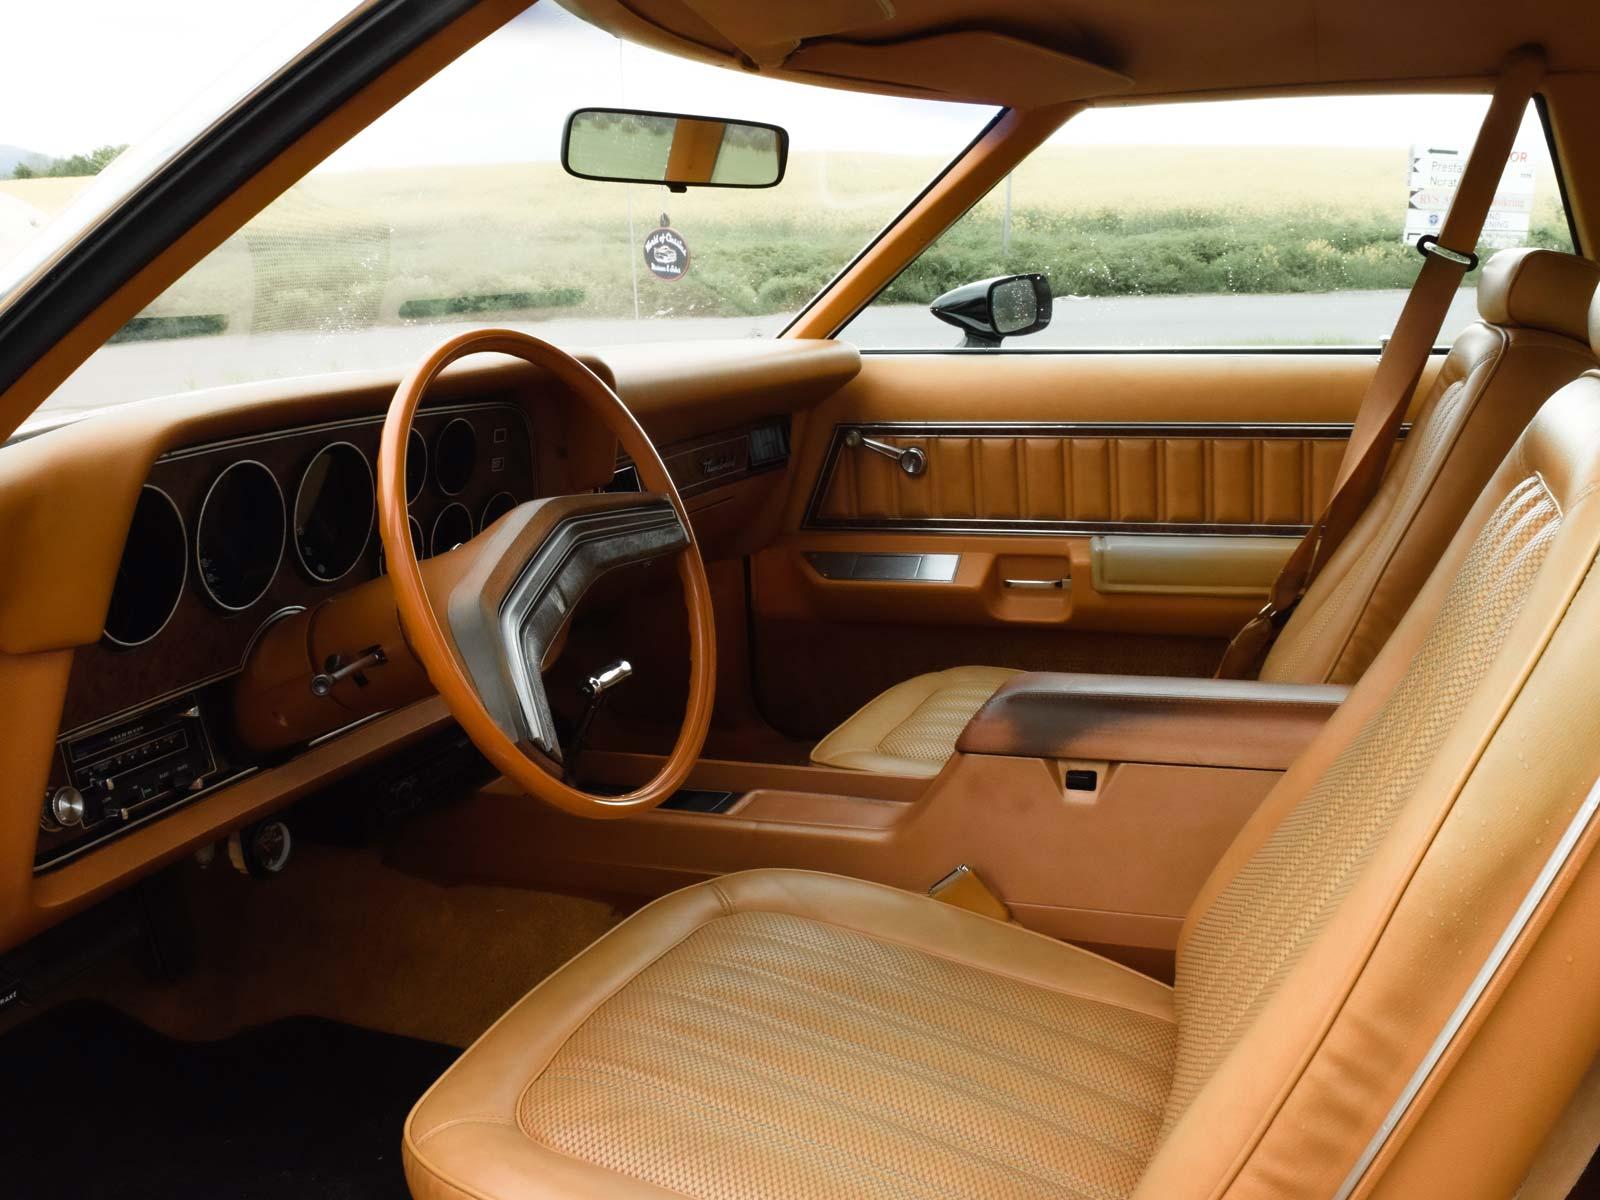 Interiør Ford Thunderbird 1978 modell.